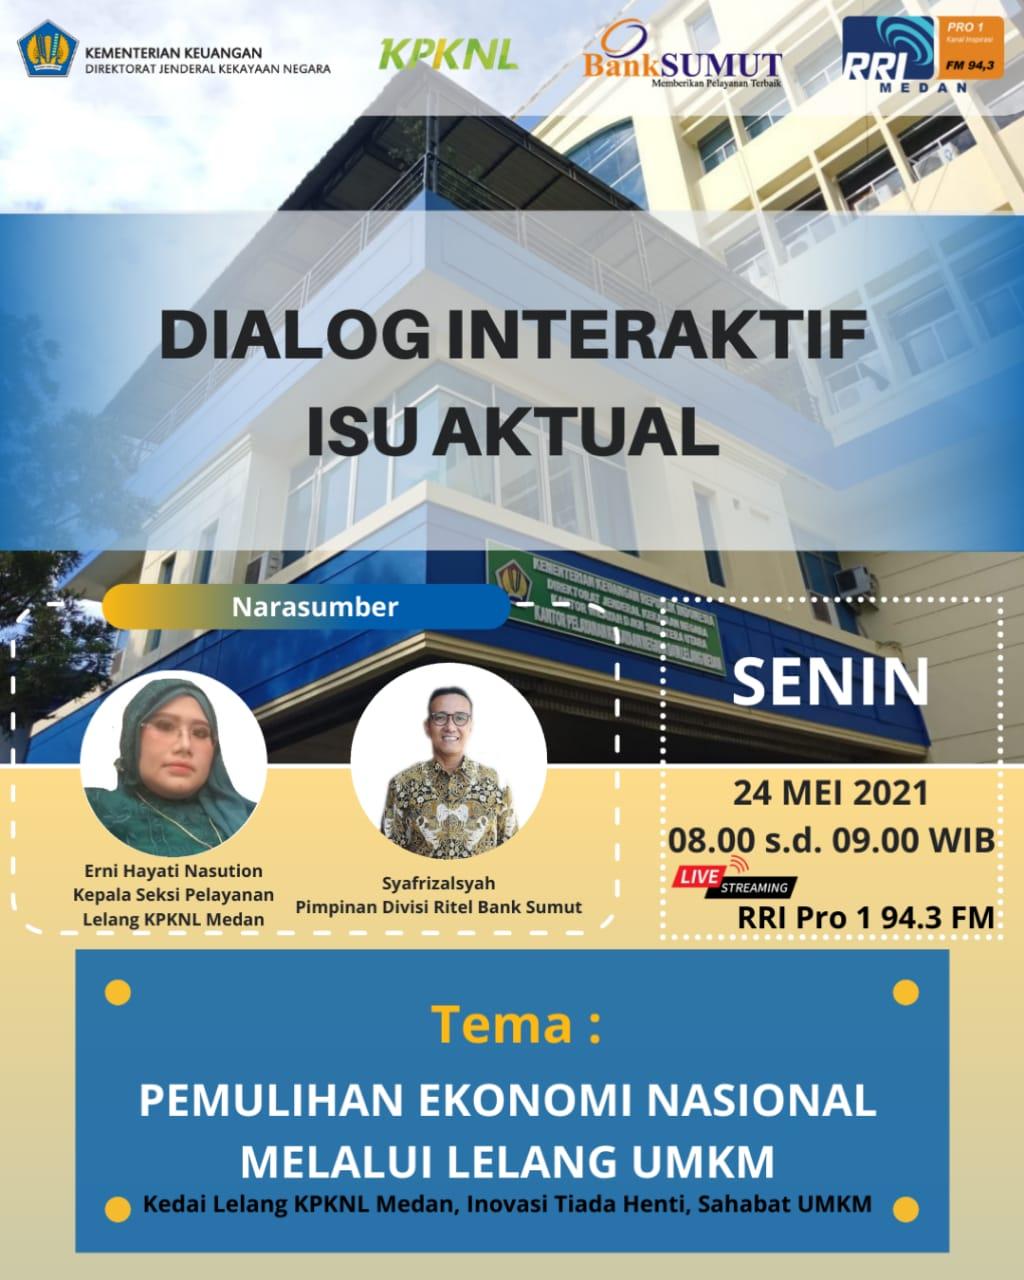 Masyarakatkan Kedai Lelang UMKM, KPKNL Medan Adakan Dialog Interaktif melalui Siaran RRI Pro I